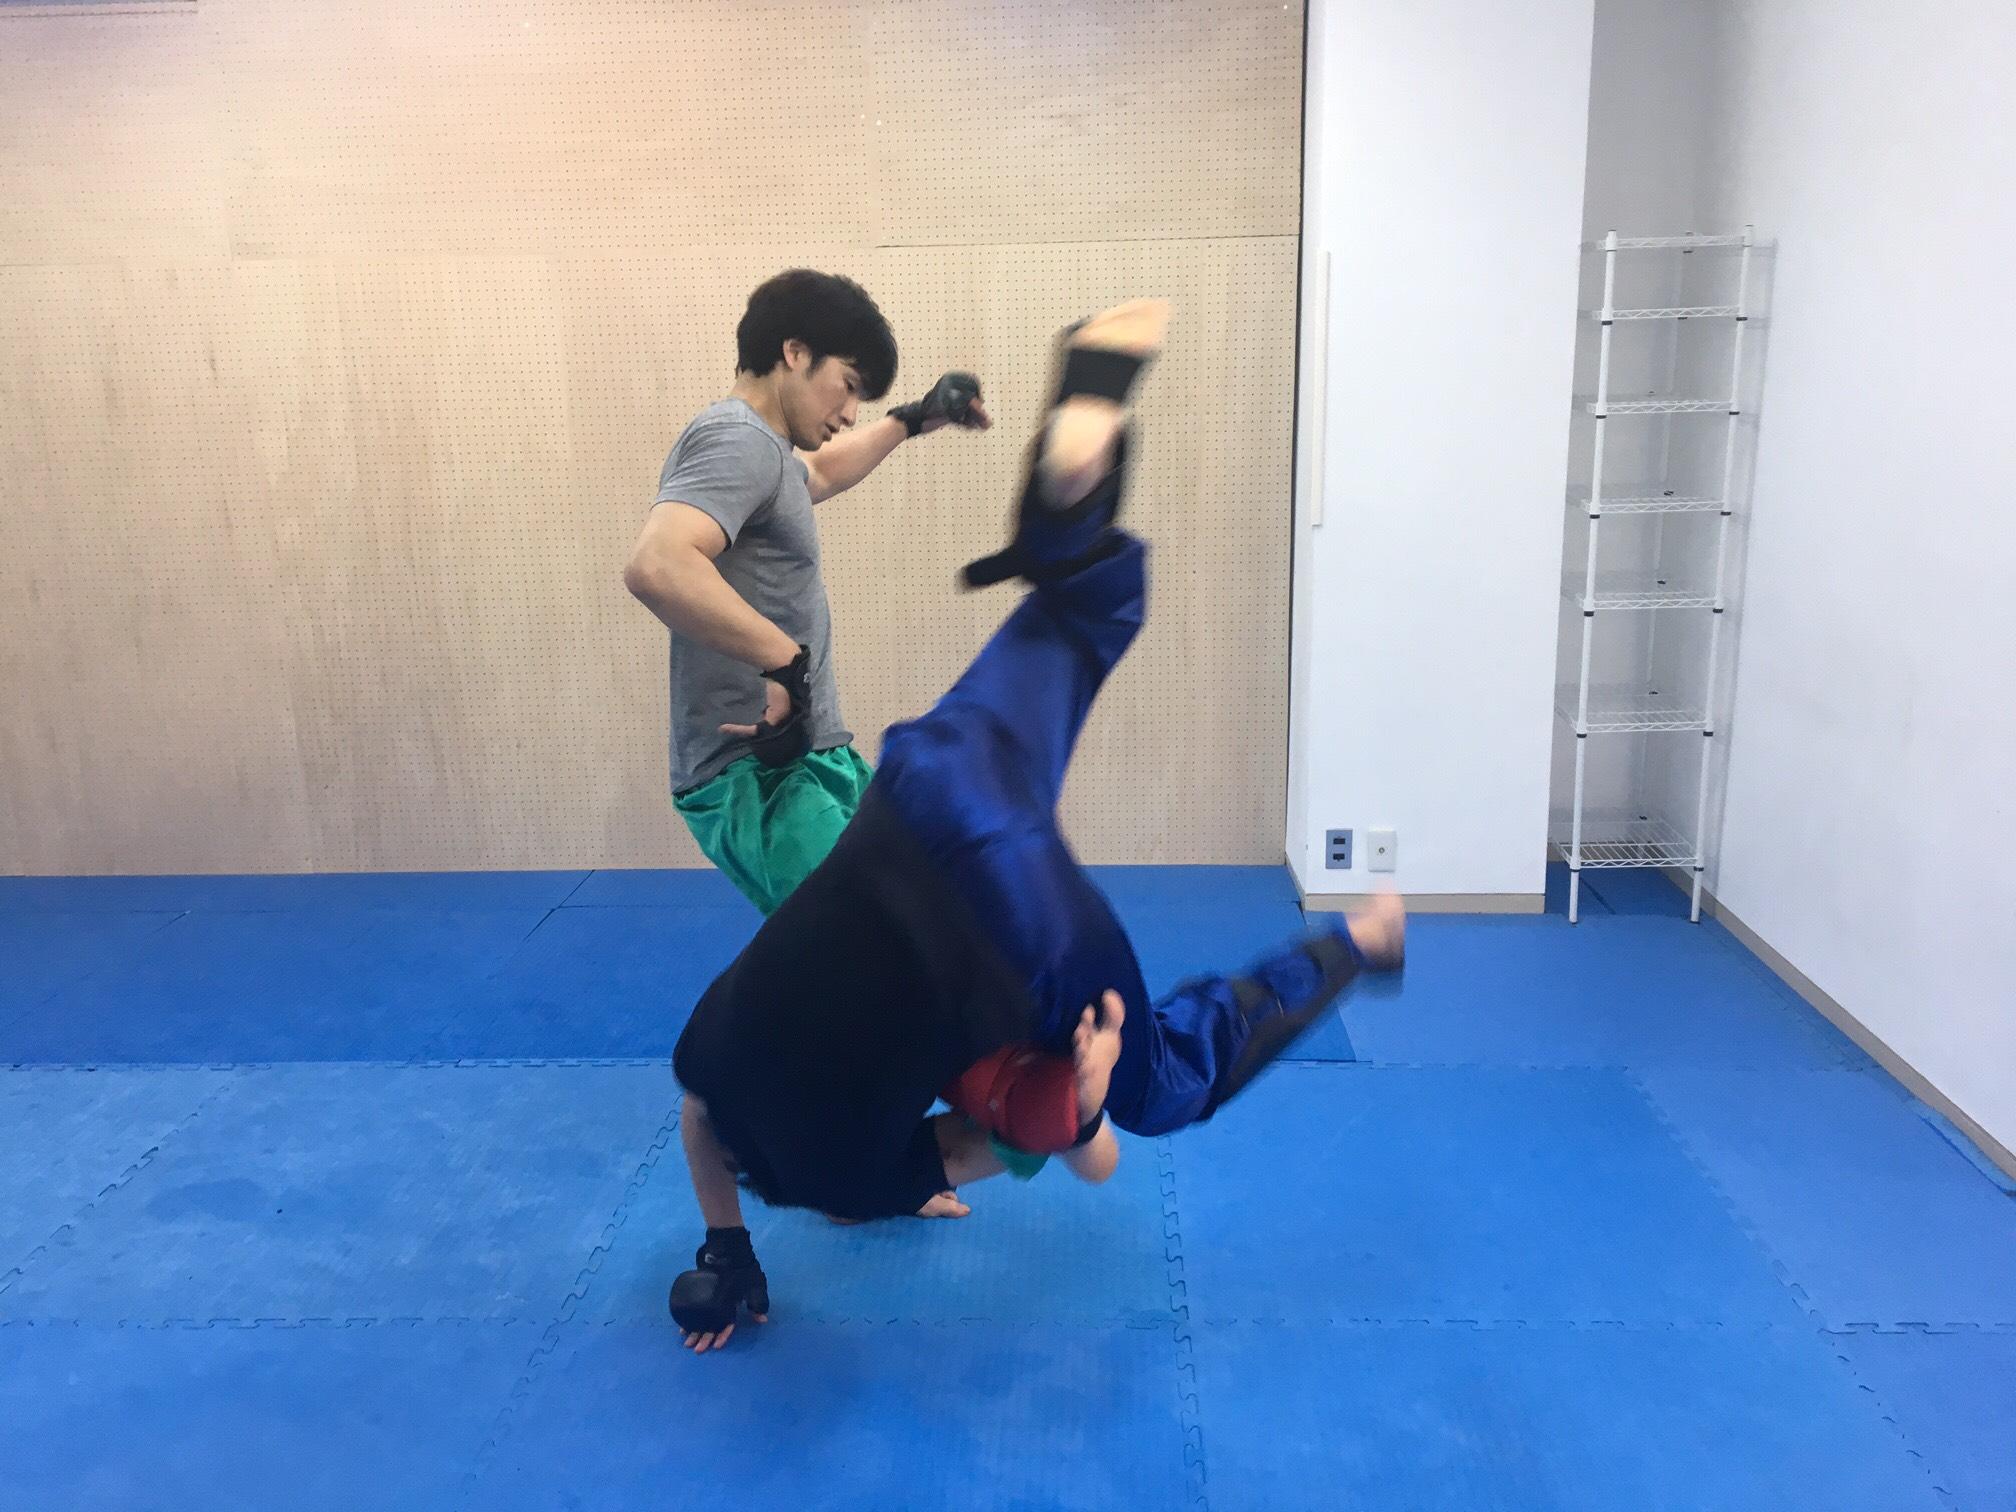 瀬戸先生との酔拳技の応酬。これが出たら凄いぞ。